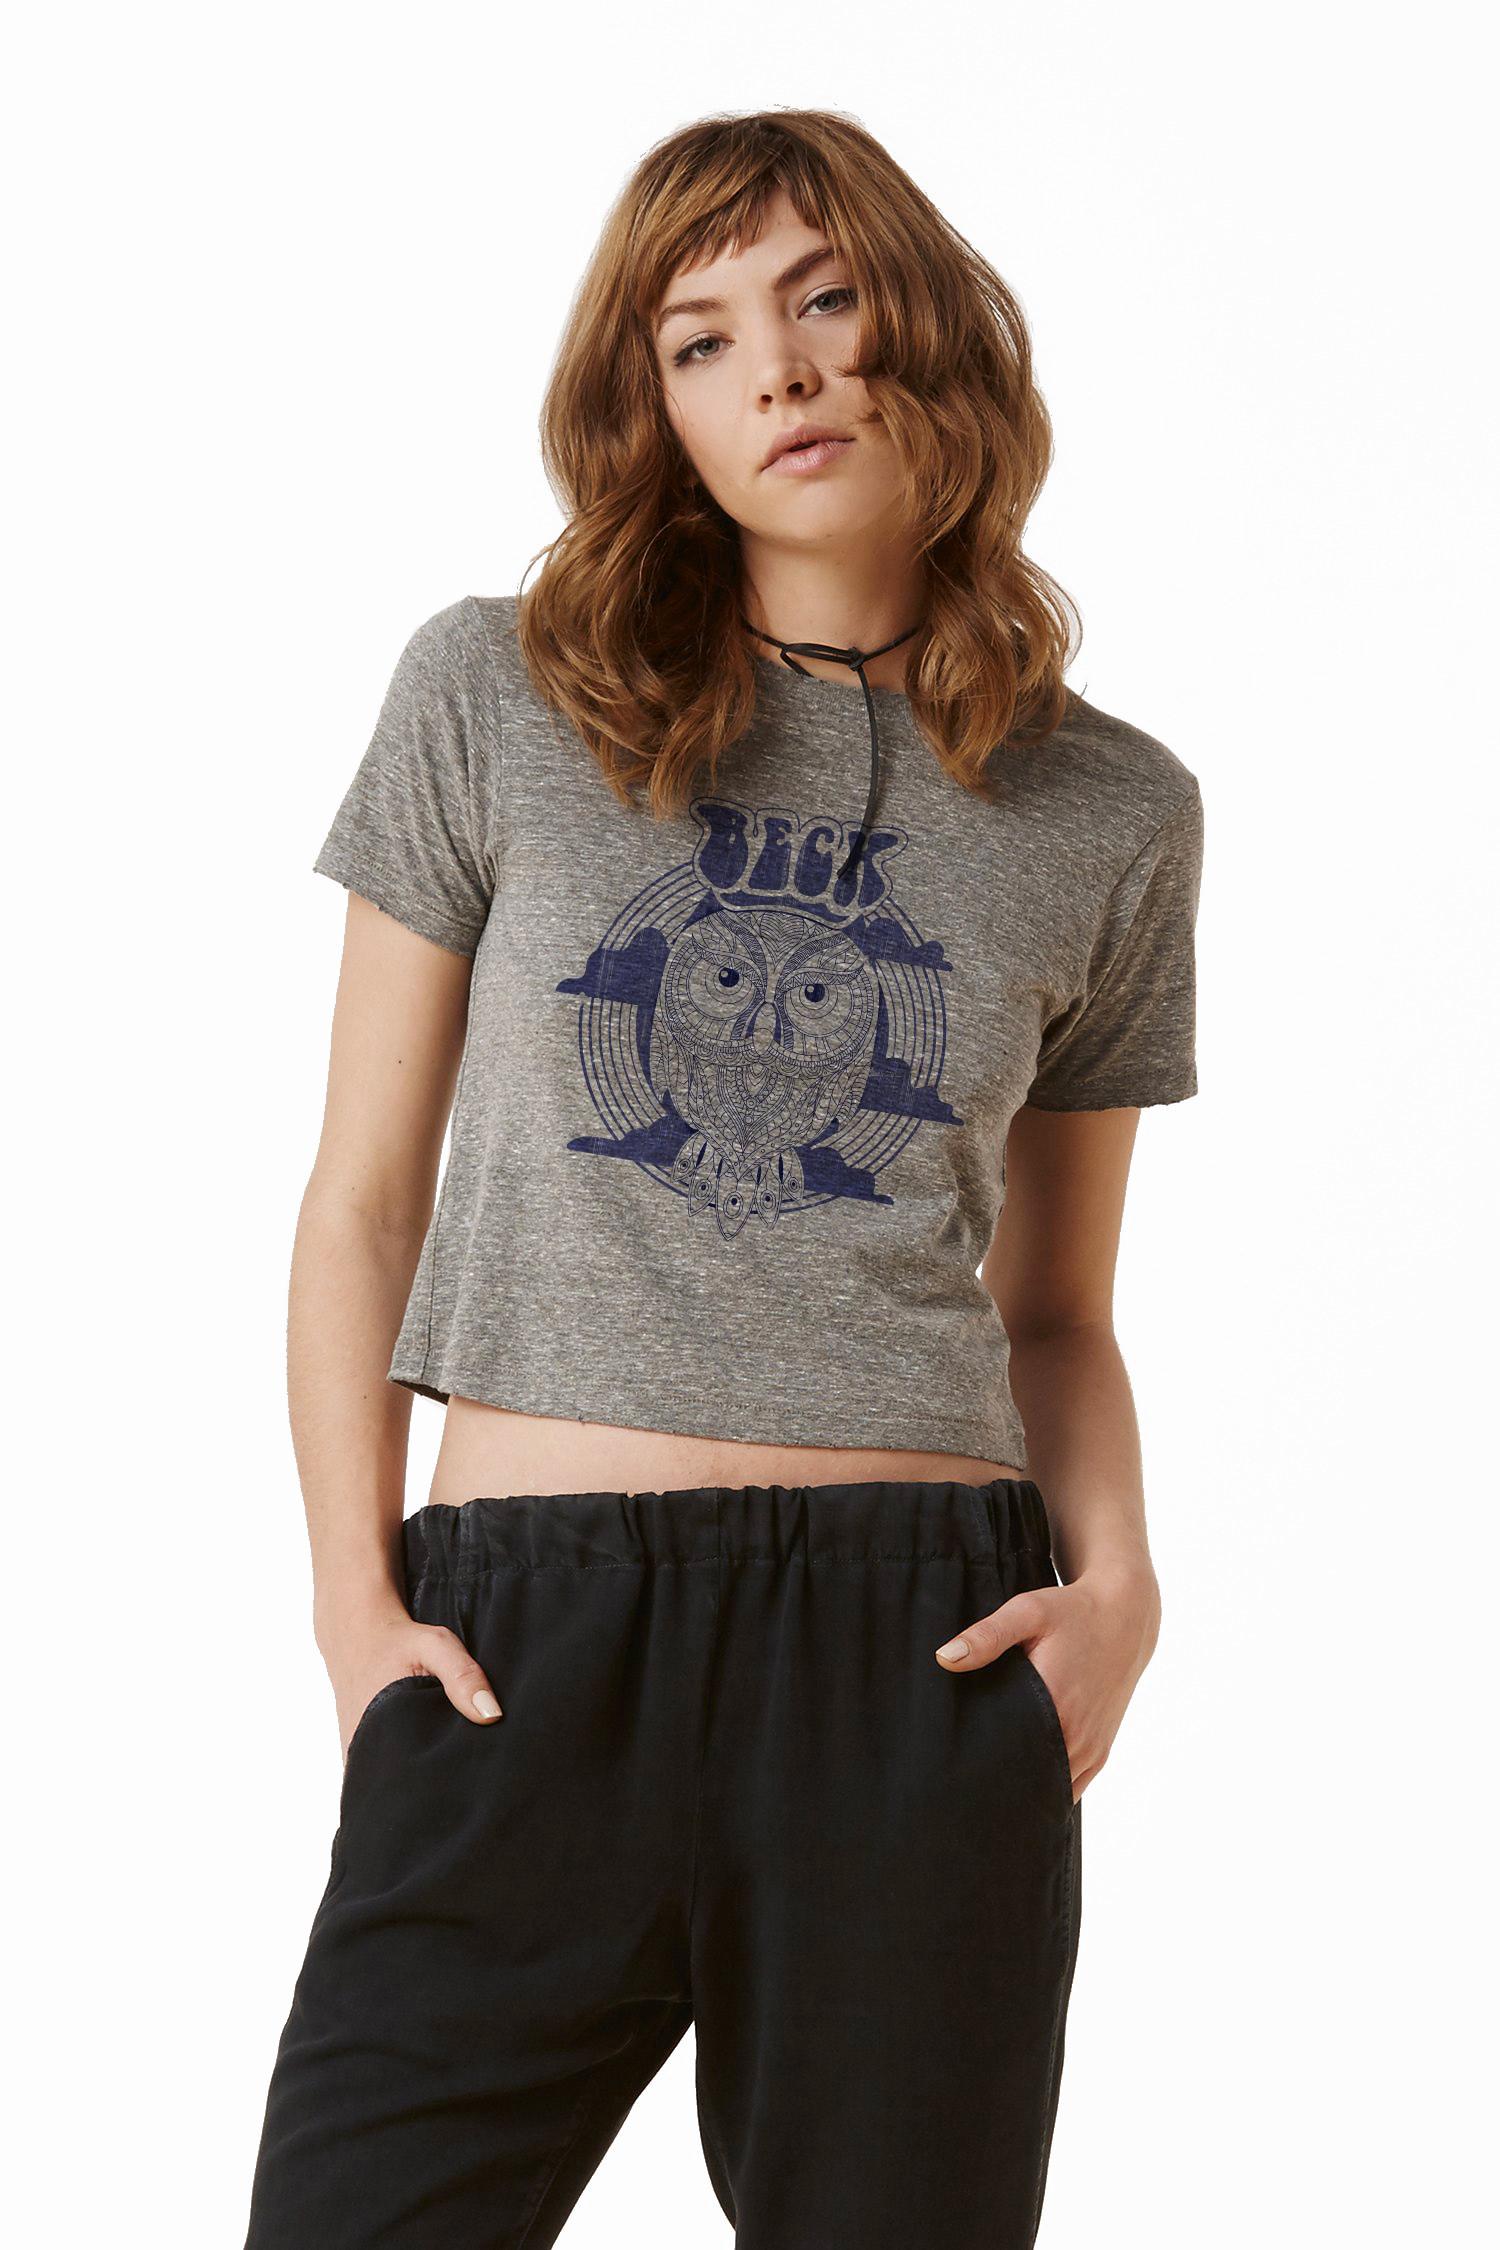 beck-owl-model.jpg